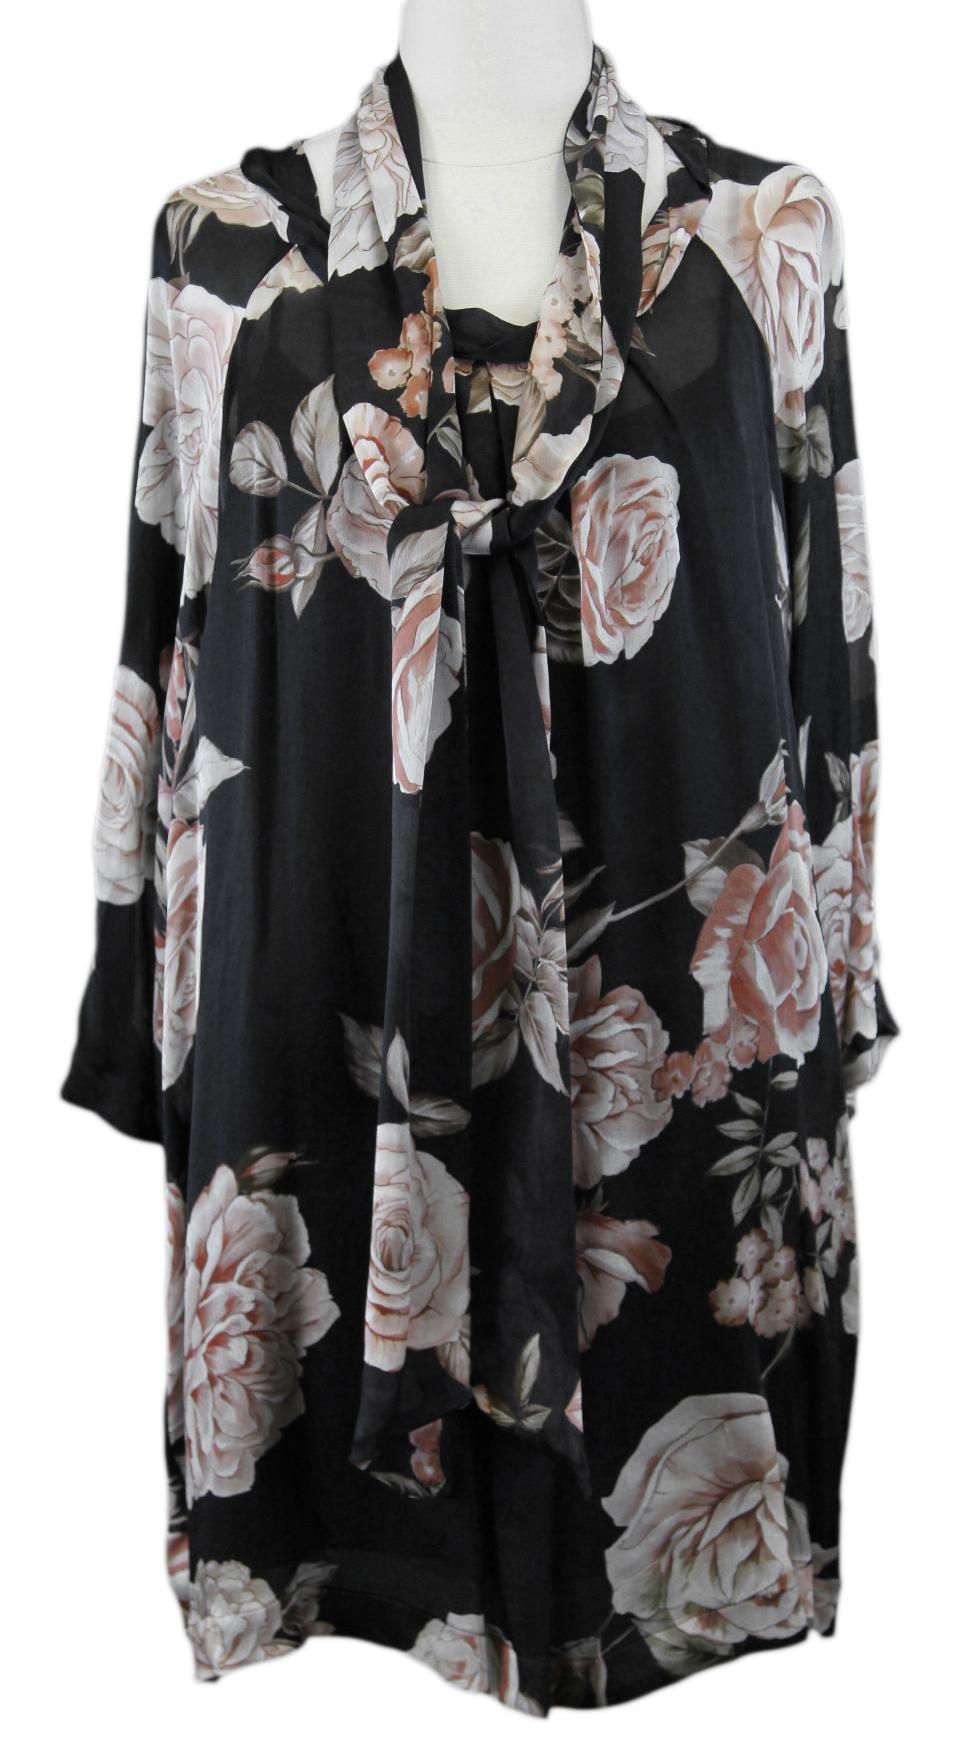 MARINA RINALDI by MaxMara Pernie schwarz   Rosa Floral Blouse w  Scarf  12W   21